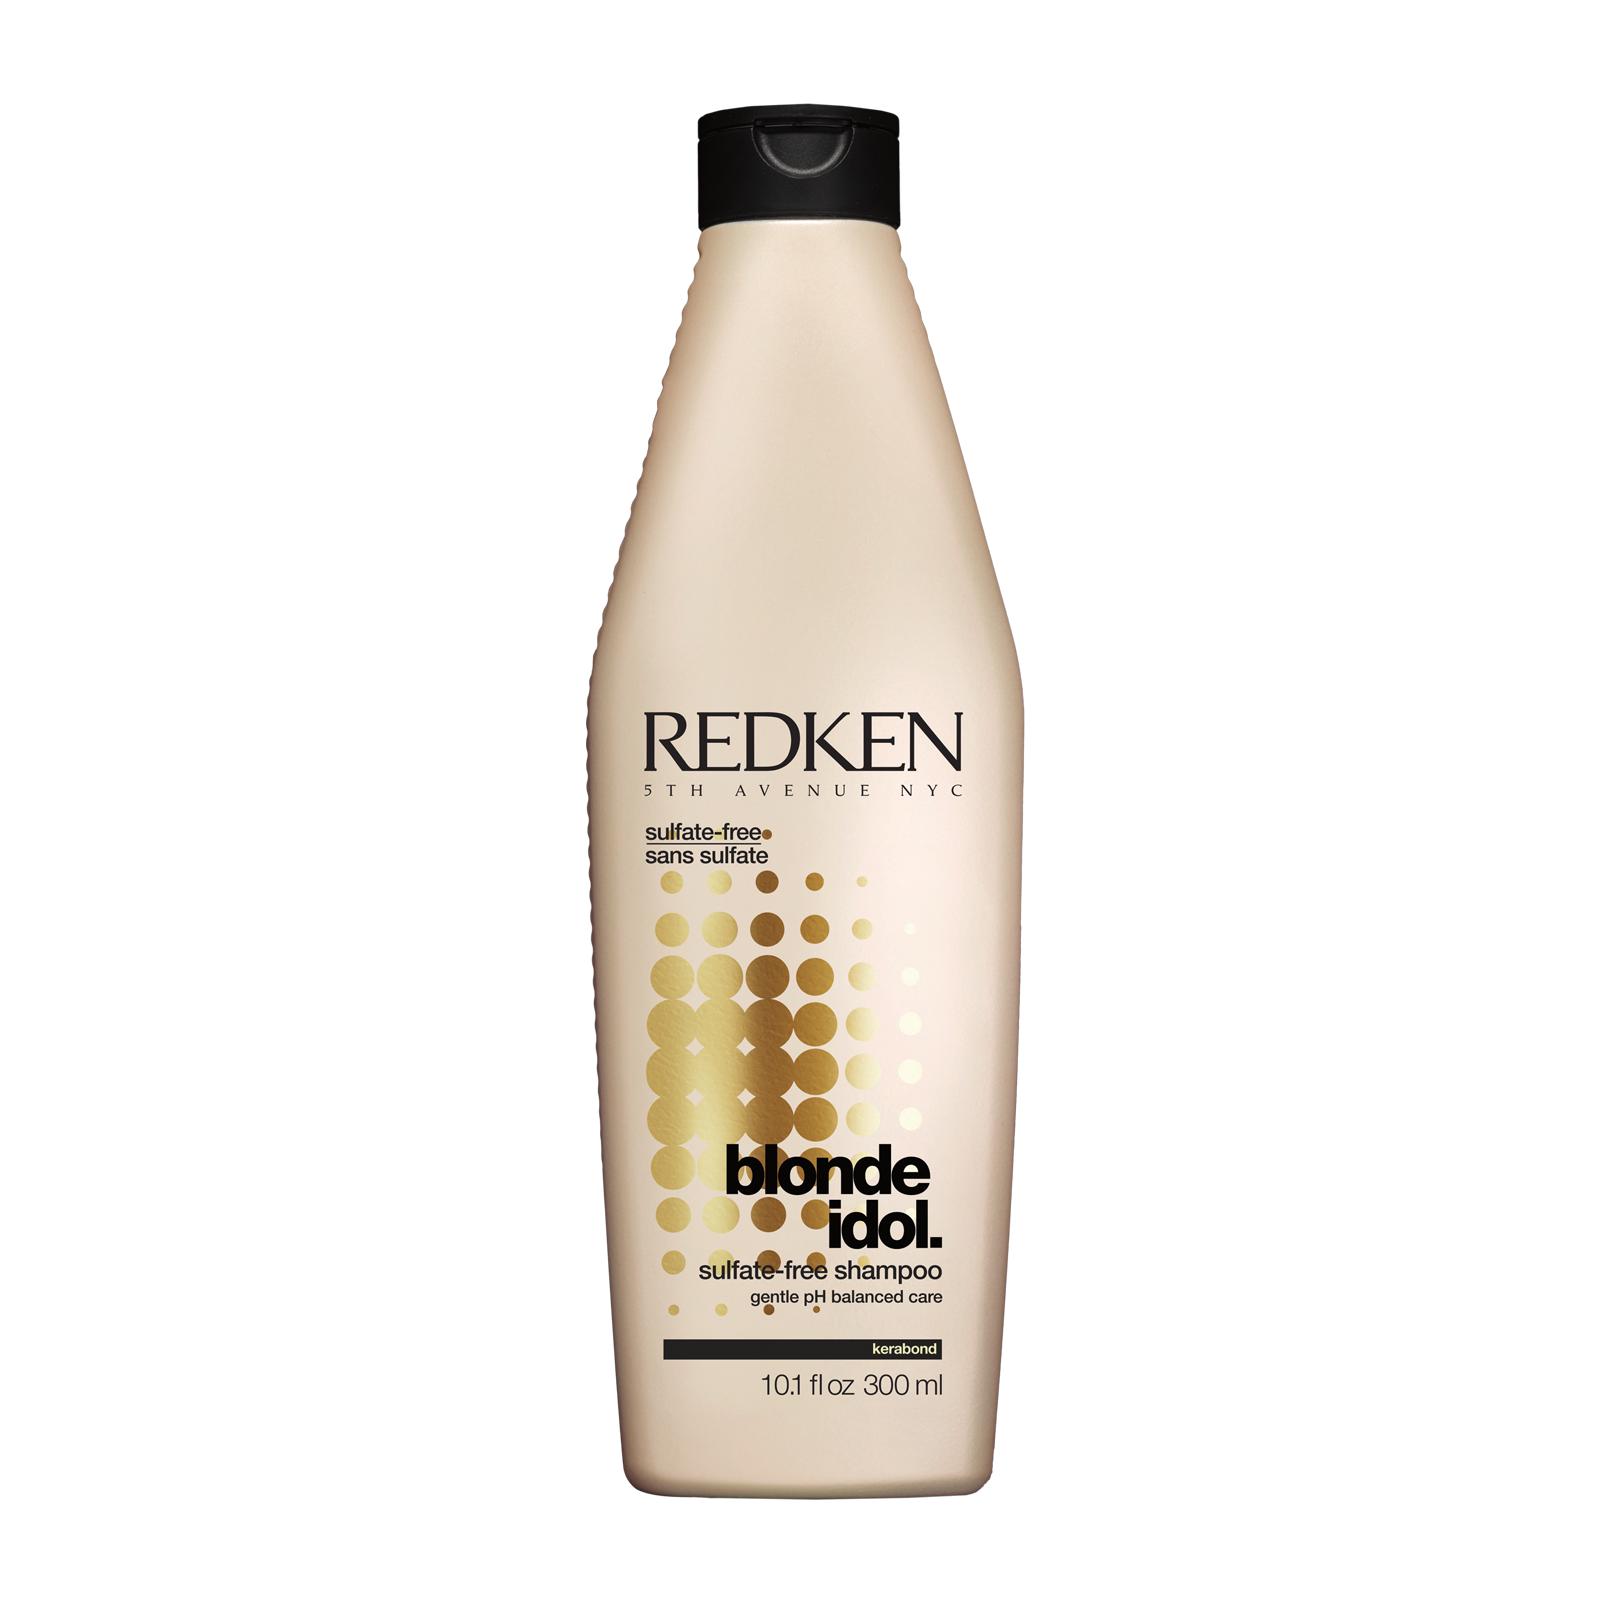 REDKEN Шампунь бессульфатный, восстанавливающий баланс pH для волос блонд / BLONDE IDOL 300млШампуни<br>Шампунь бережно очищает кожу головы и светлые волосы, подчеркивая их естественный оттенок и наполняя их сиянием. Благодаря протеиновому комплексу, который входит в состав средства, шампунь от Redken укрепляет волосы и делает их мягкими и шелковистыми. После применения шампуня от Редкен волосы становятся эластичными и блестящими, а светлый оттенок приобретает особую контрастность. Активные ингредиенты: Экстракт грейпфрута, протеиновый комплекс, слюда. Способ применения: Нанесите небольшое количество средства на влажные волосы, вспеньте и смойте большим количеством воды.<br><br>Вид средства для волос: Восстанавливающий